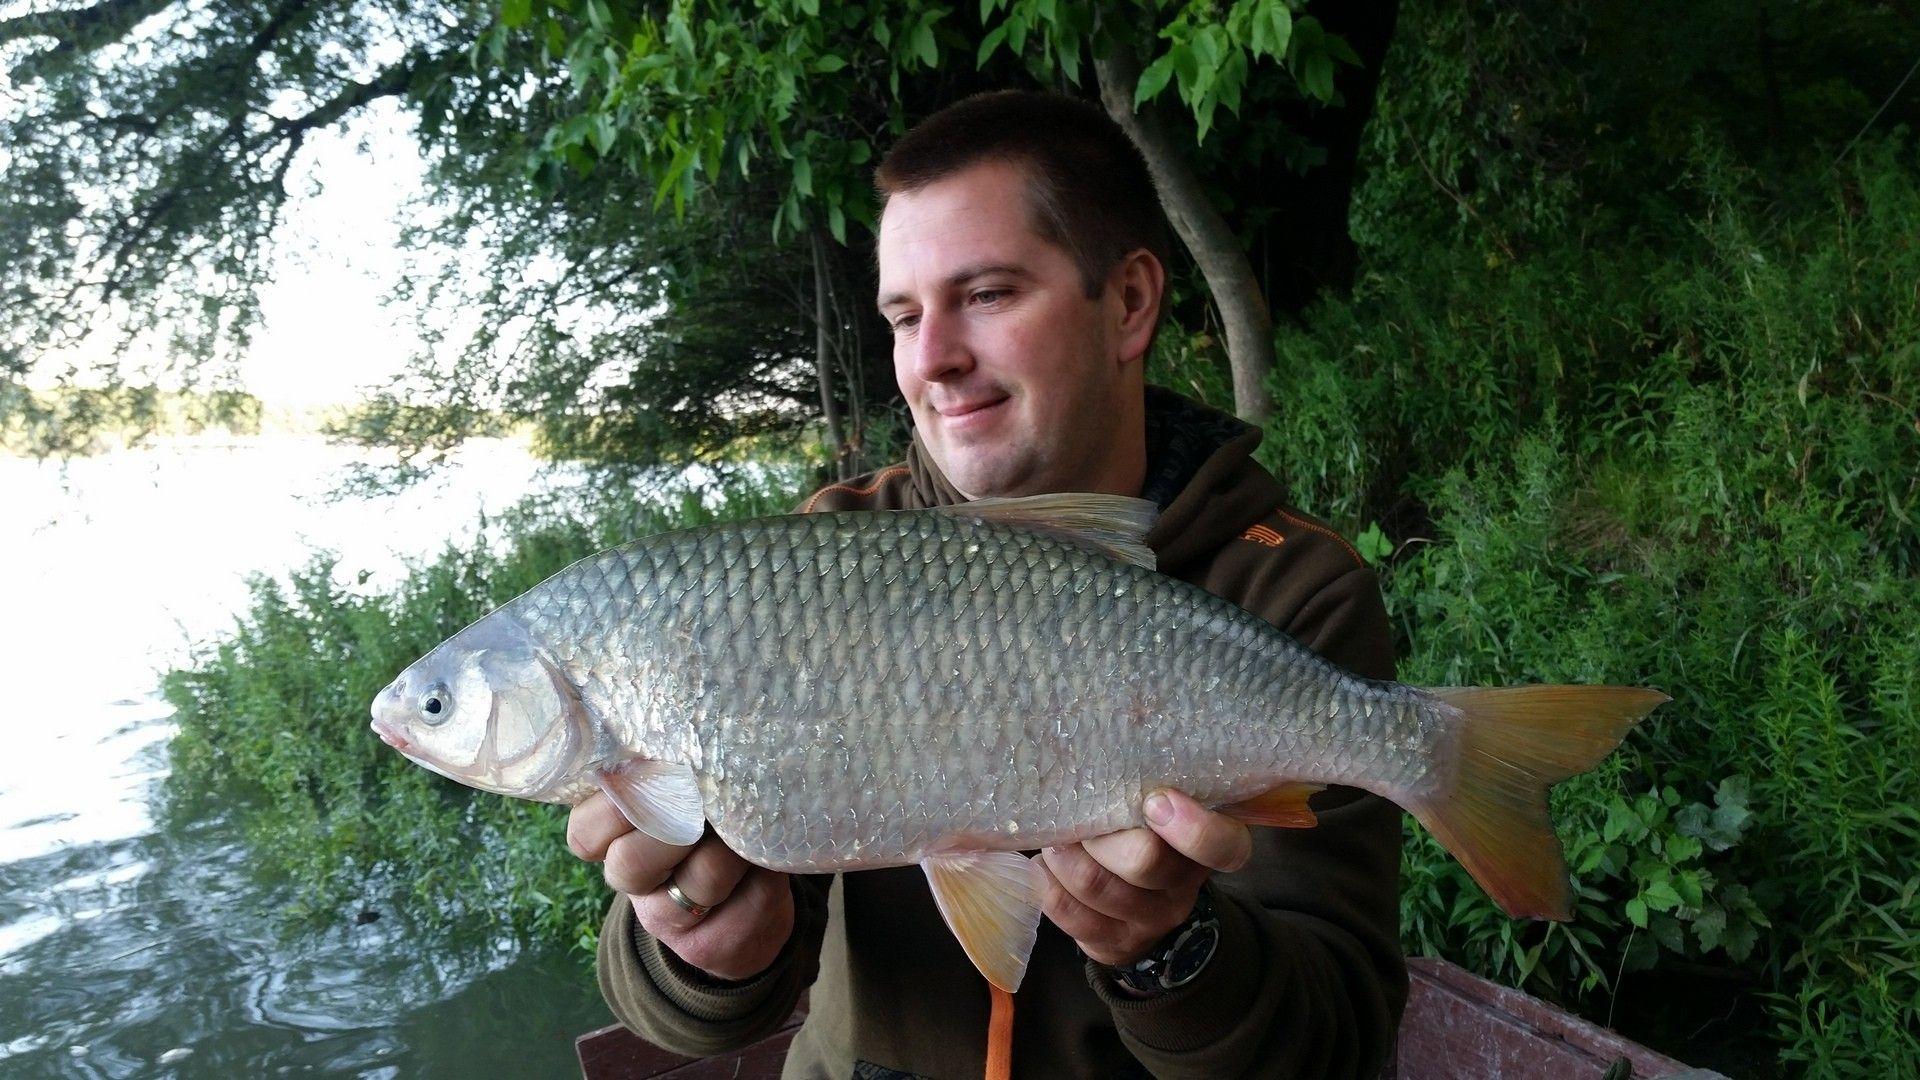 Dunai kincsünk, a leánykoncér is szívesen lakmározik a pontyoknak szánt etetéseken. Vigyázat, védett hal, a megfogást követően azonnal vissza kell engedni!